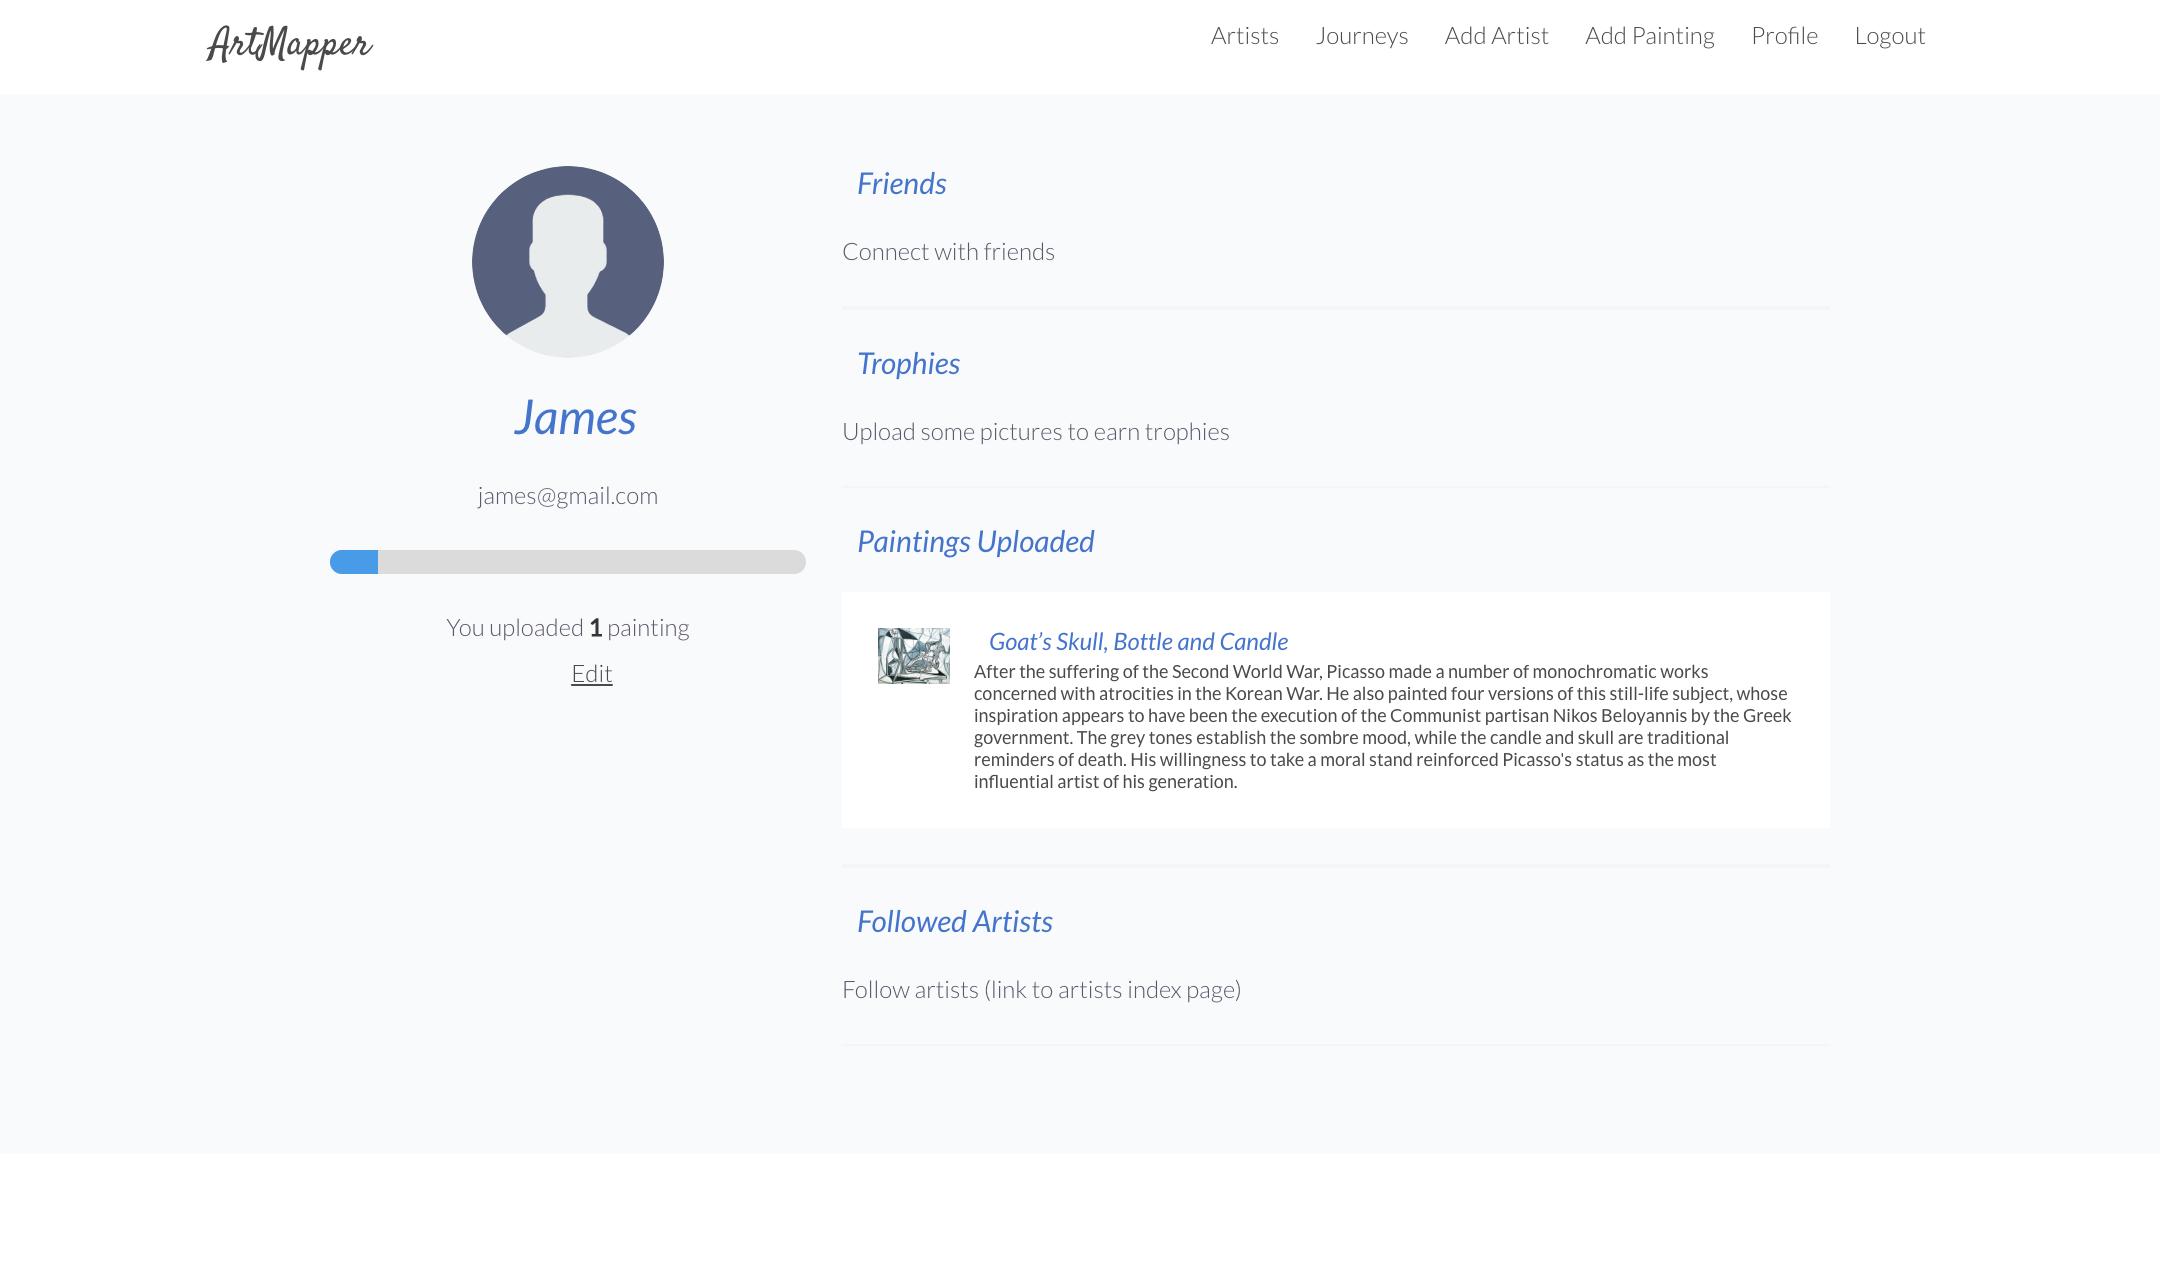 artmapper profile page